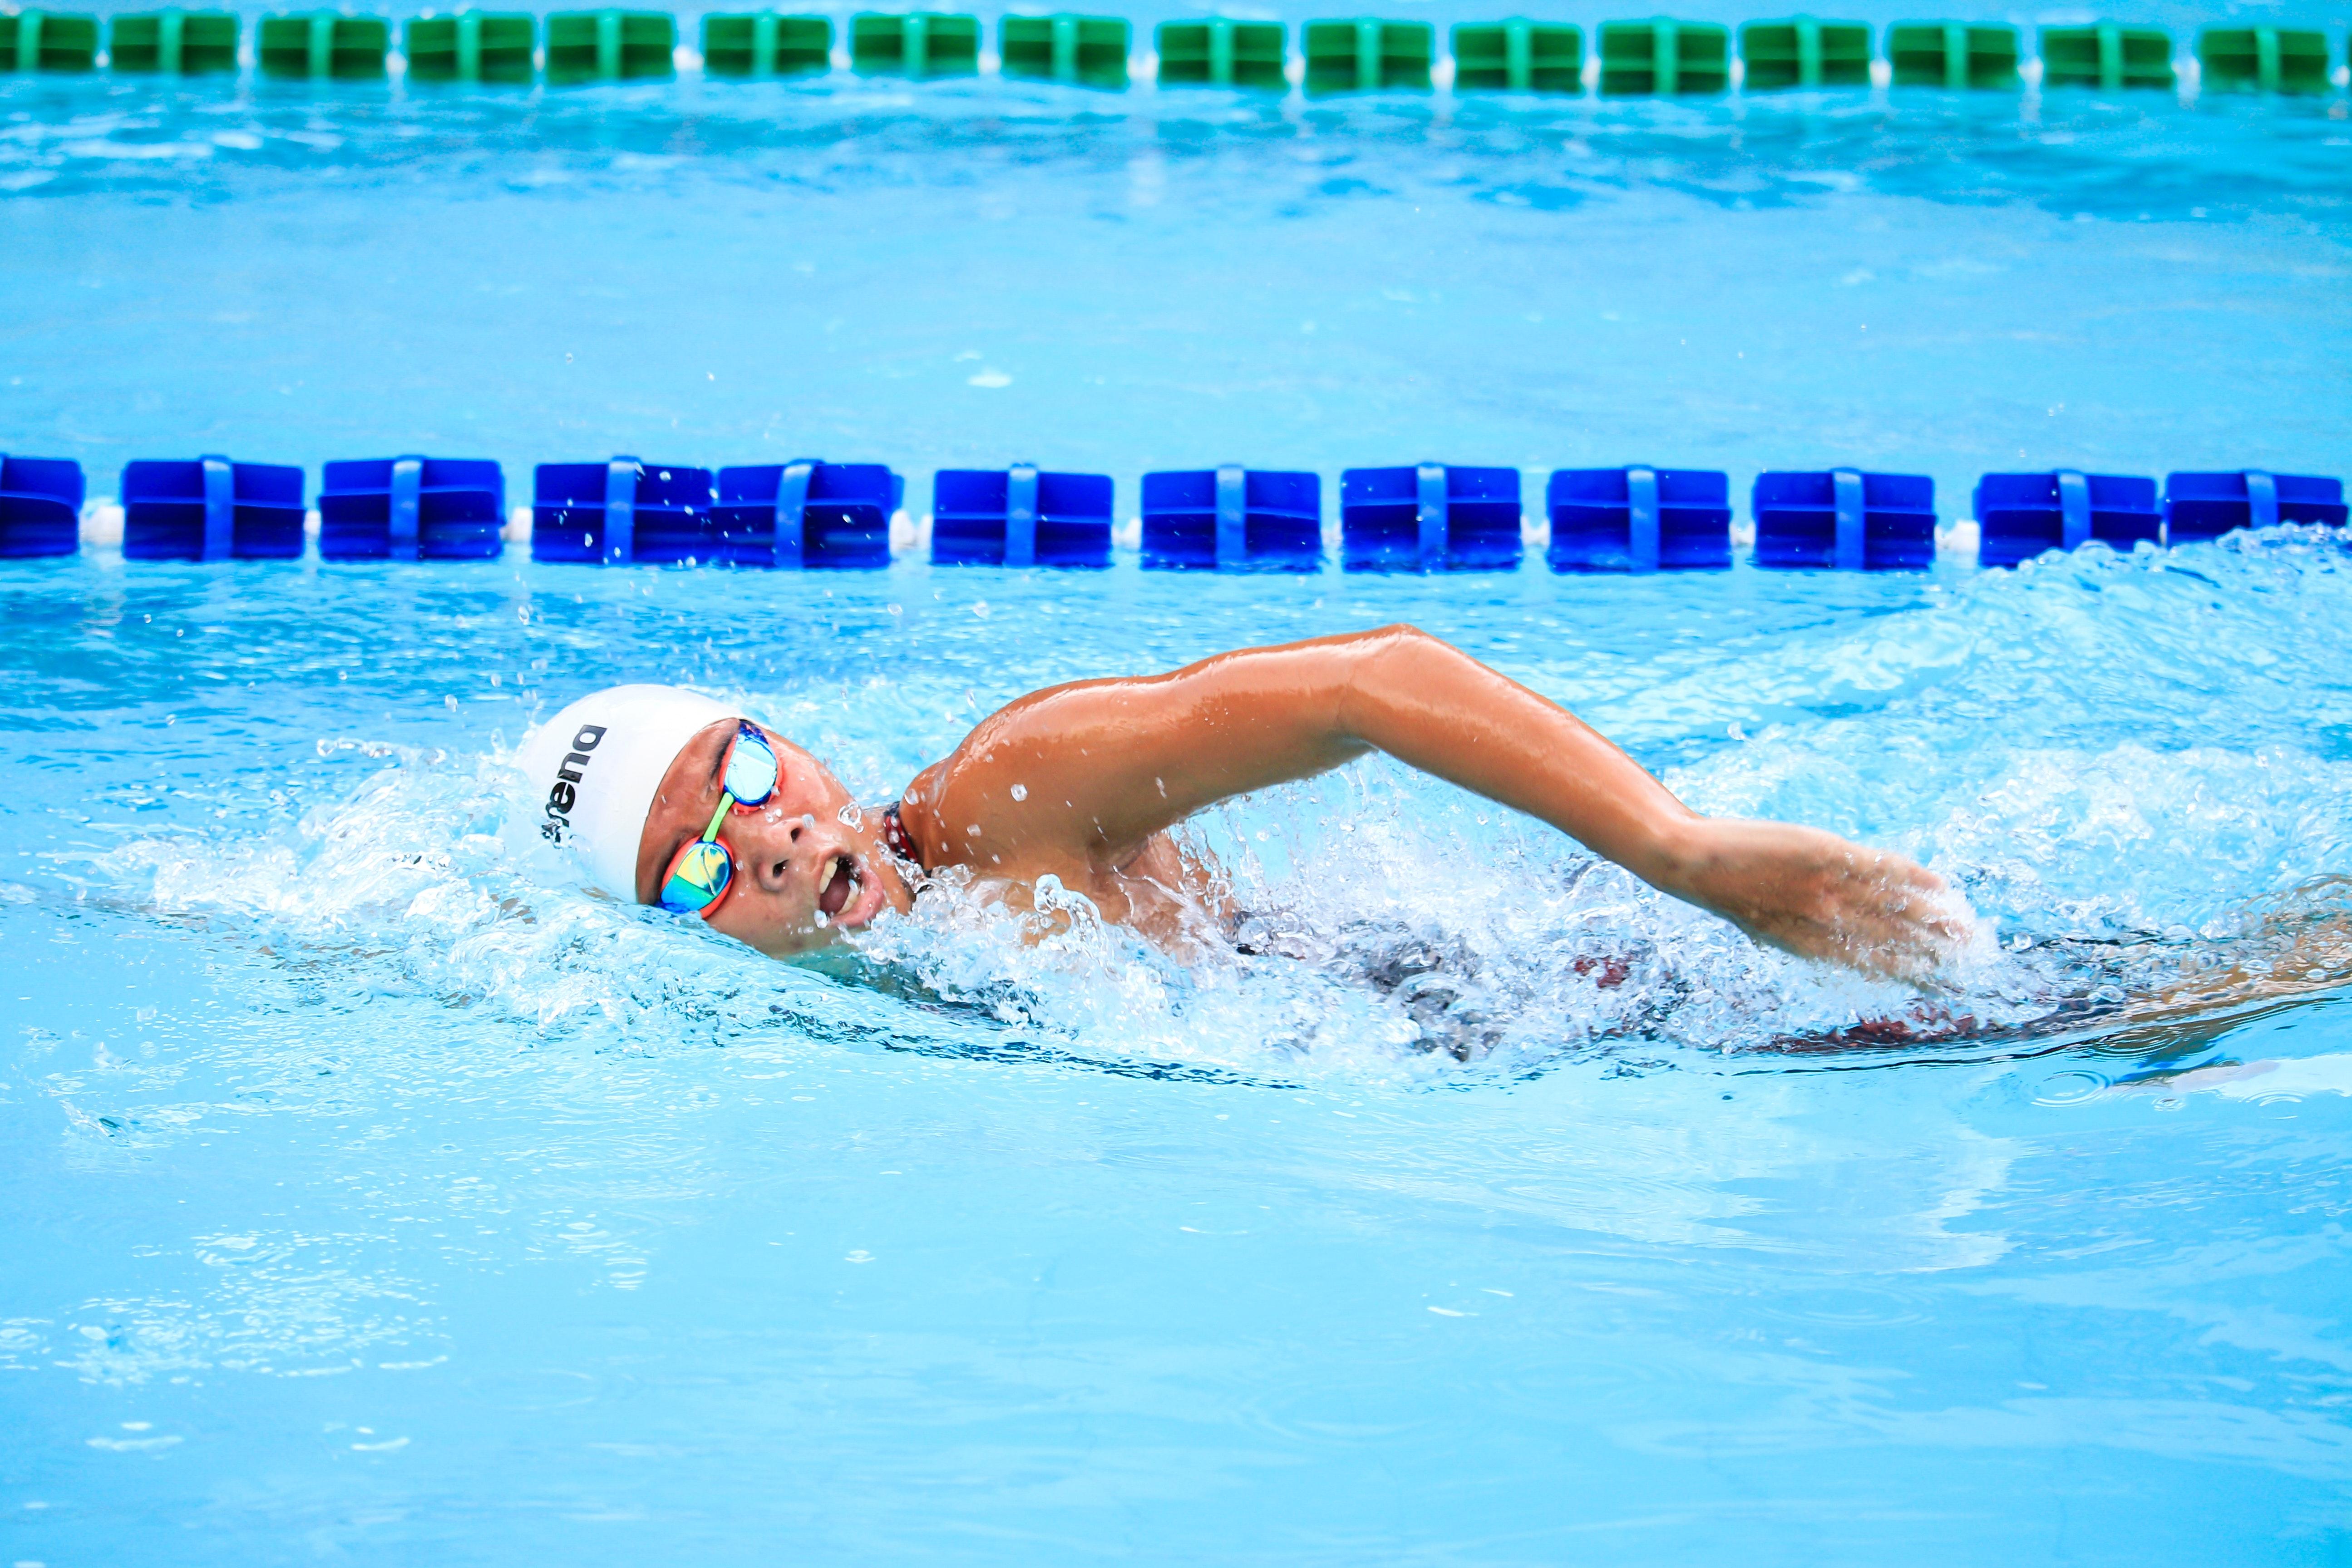 athlete-body-enjoyment-1263348.jpg